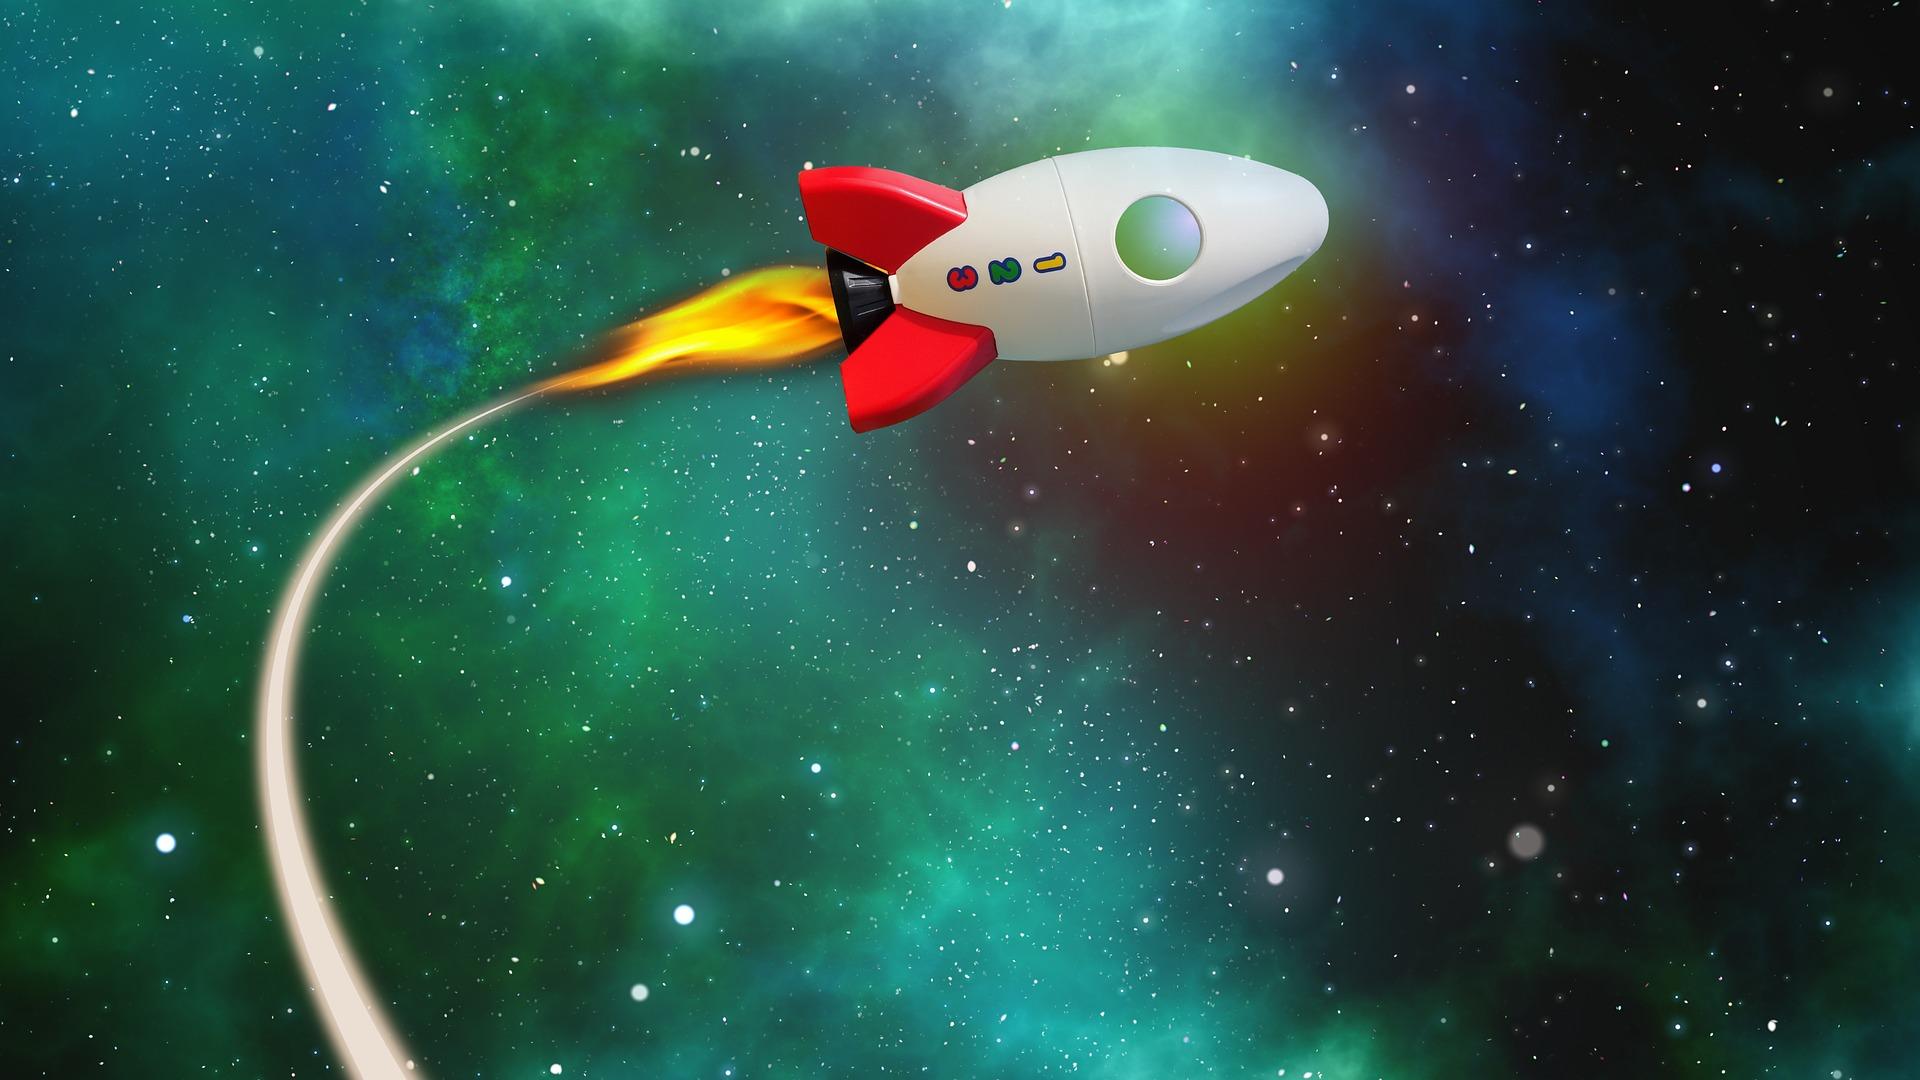 foguete, voo, universo, espaço, Estrela - Papéis de parede HD - Professor-falken.com